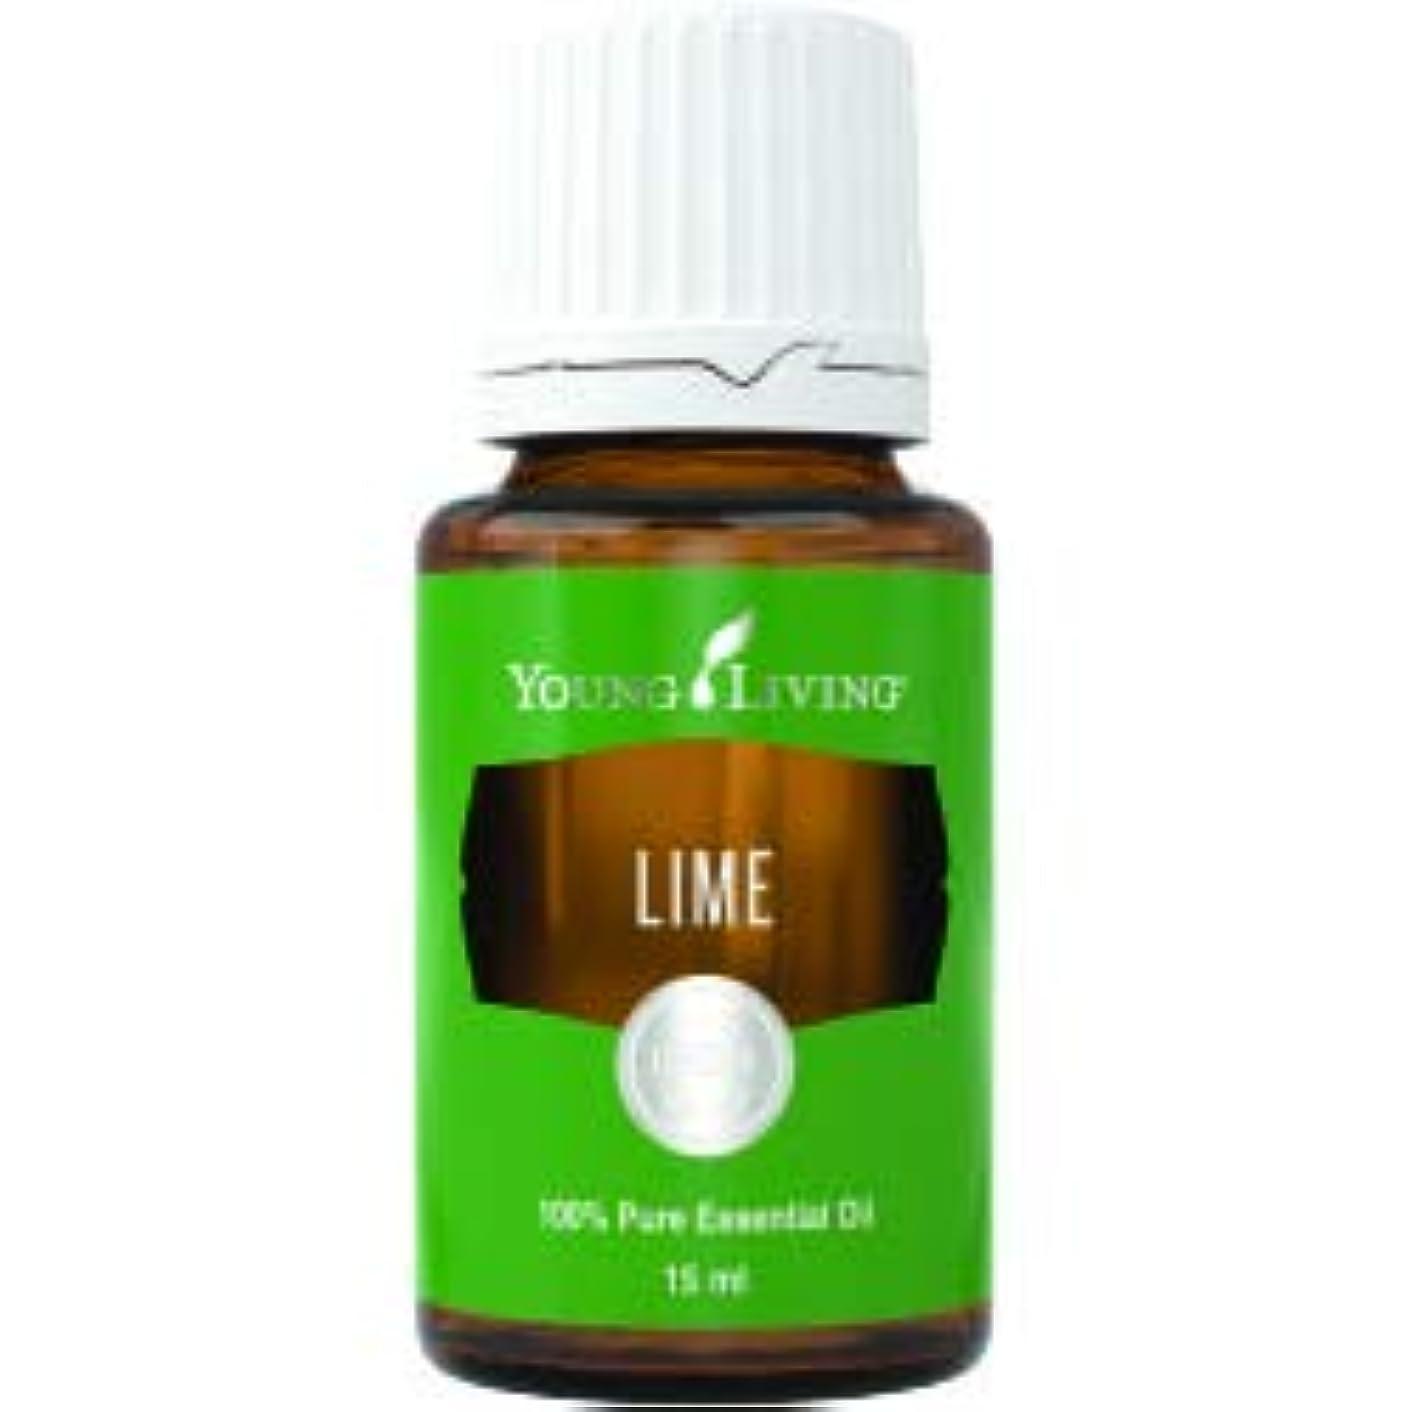 非武装化批判薬剤師ライムエッセンシャルオイル15ml by Young Livingエッセンシャルオイルマレーシア Lime Essential Oil 15ml by Young Living Essential Oil Malaysia